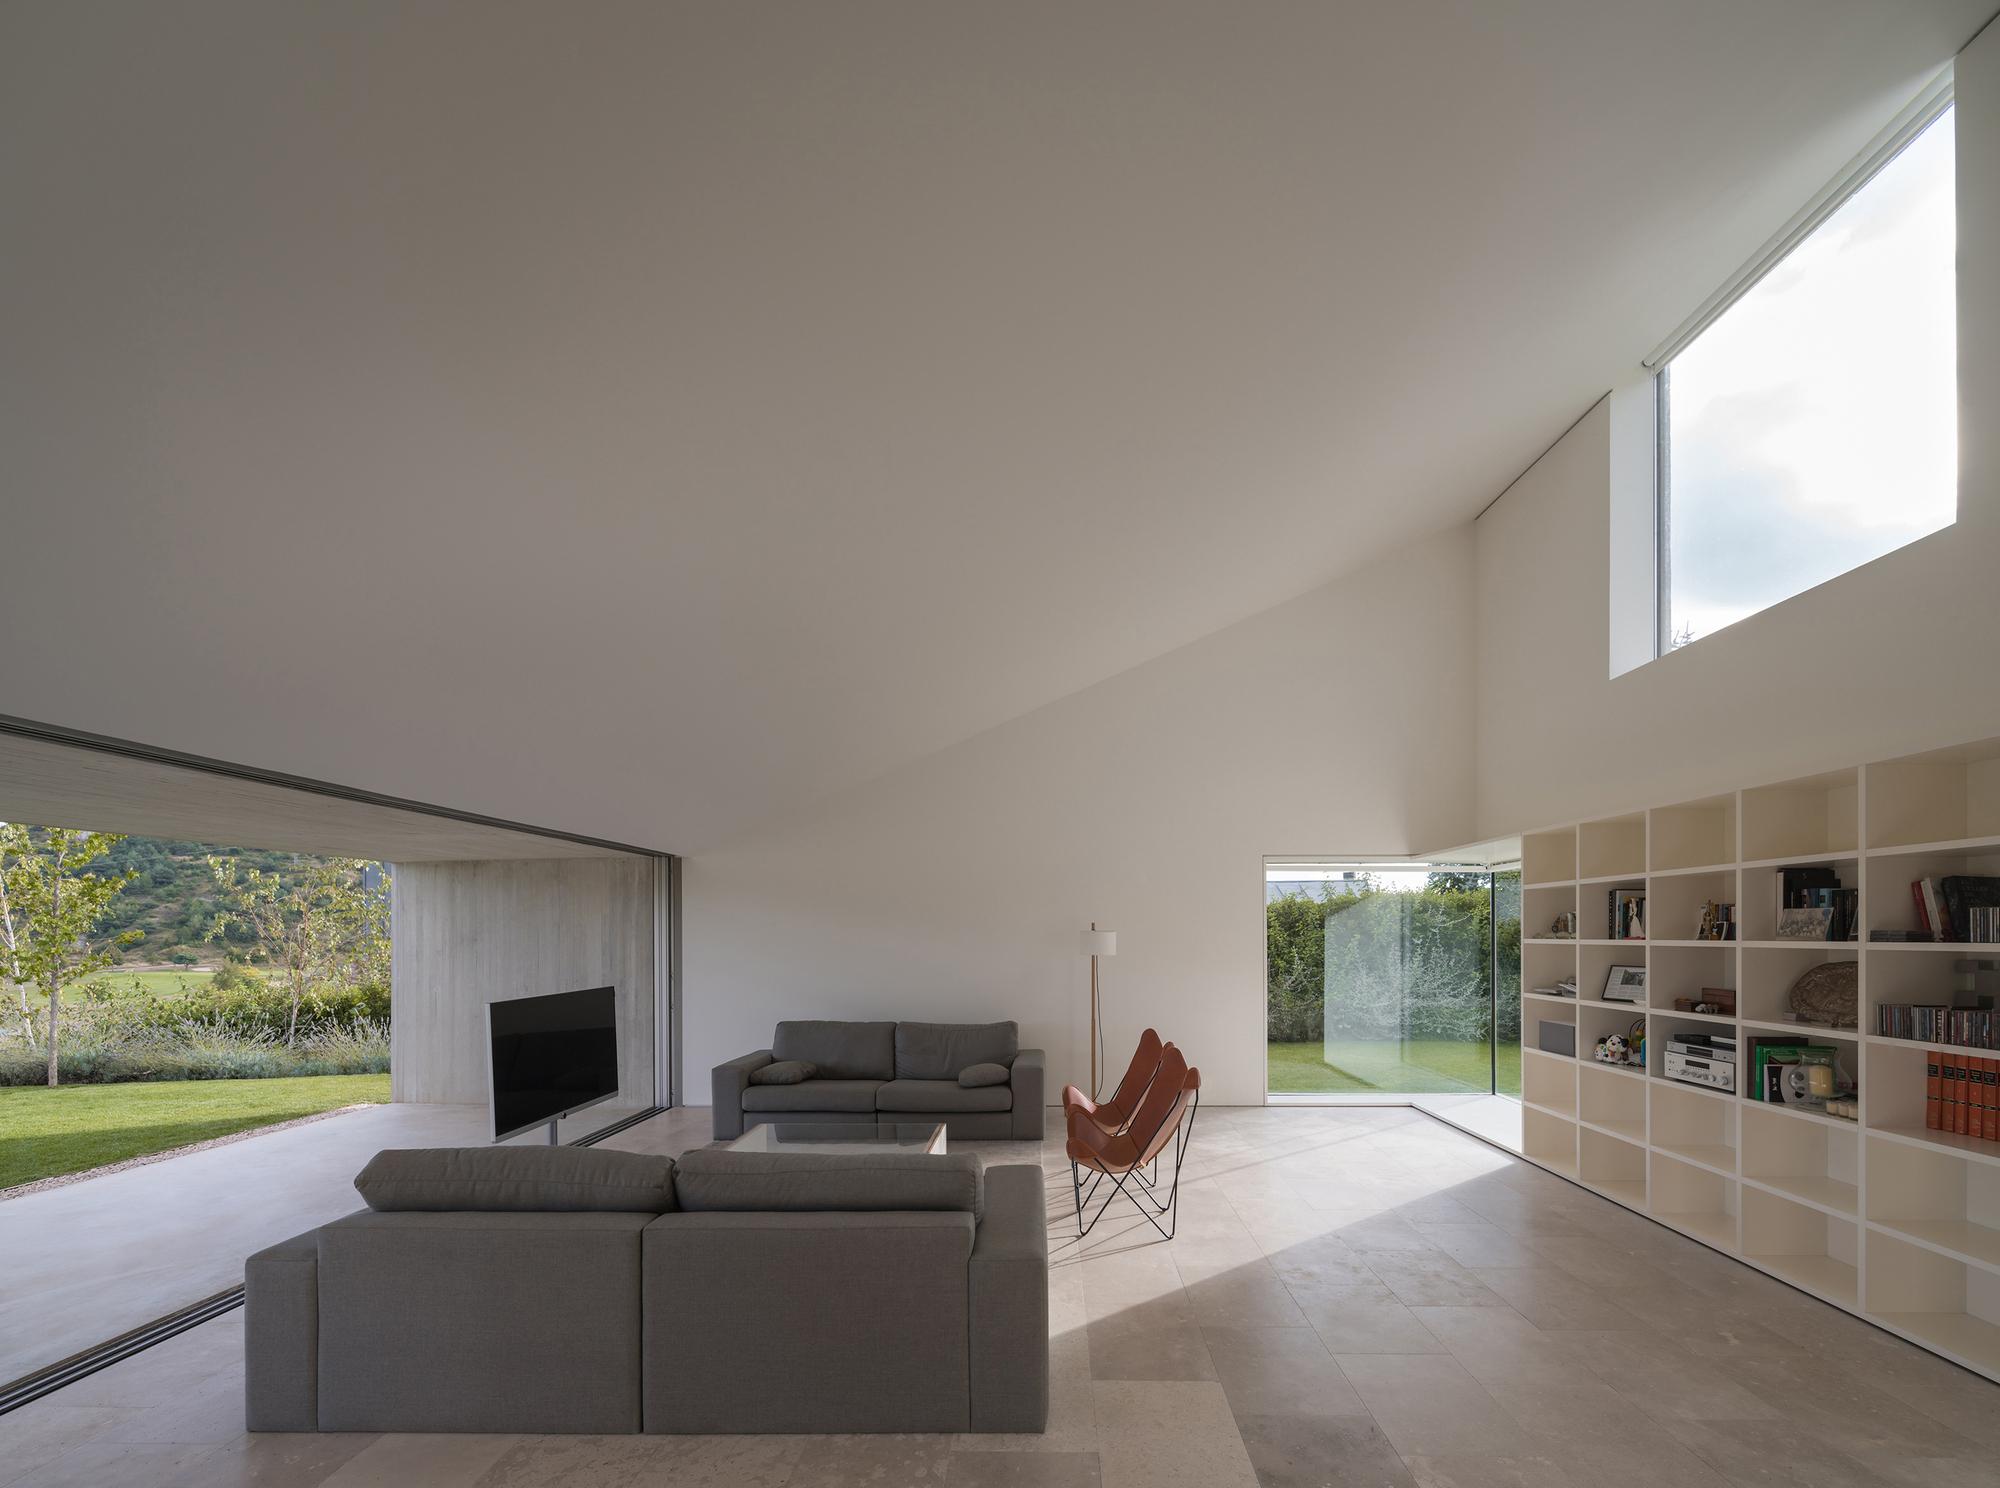 Galer a de vivienda en pamplona pereda p rez arquitectos 7 - Arquitectos en pamplona ...